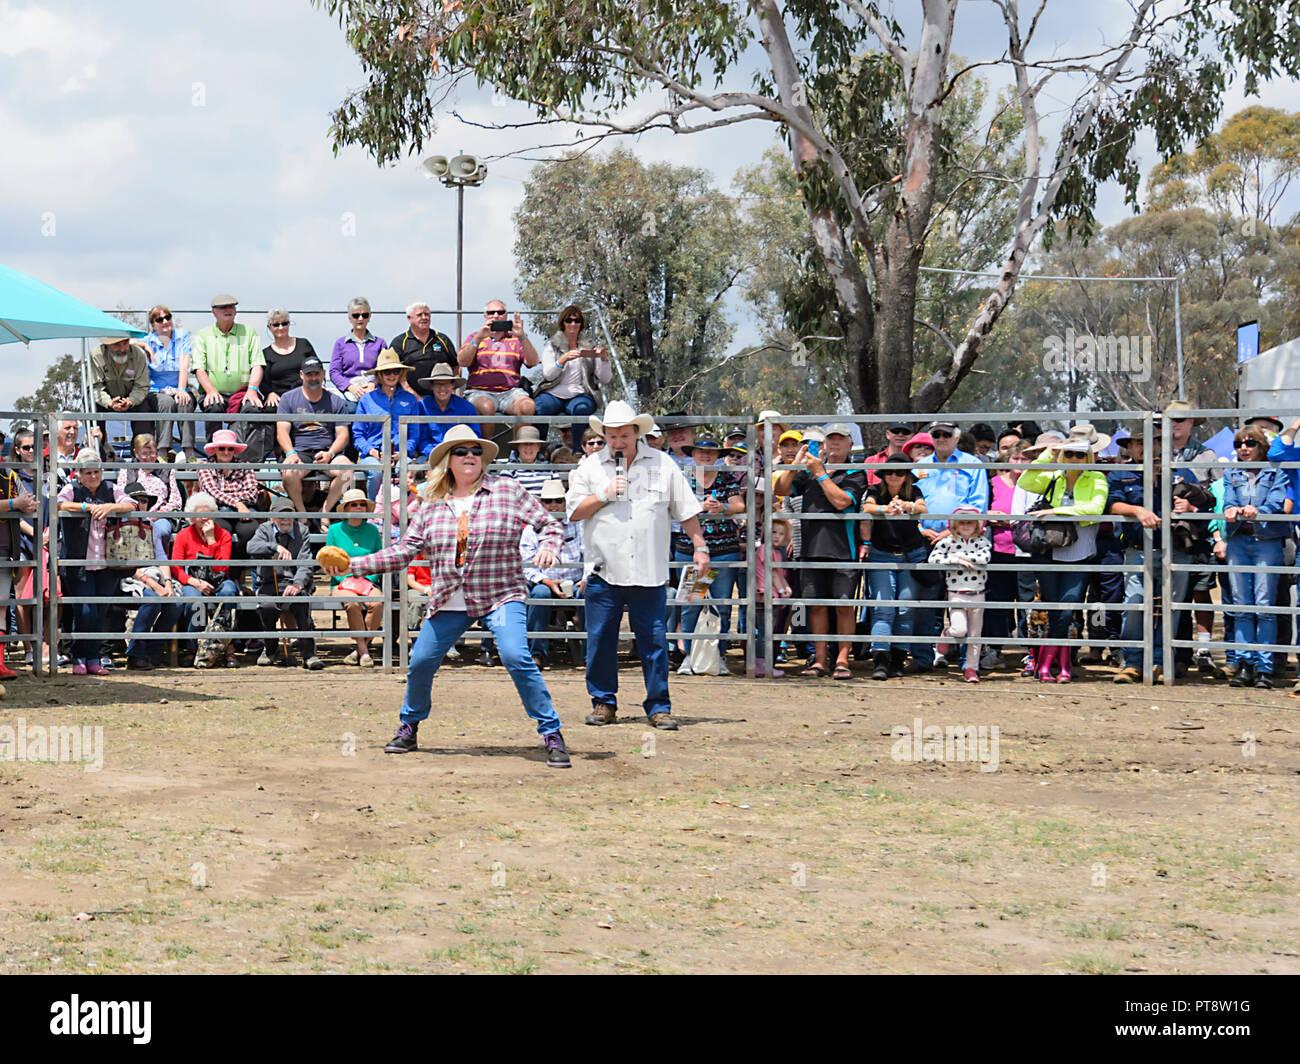 Dame an der Lufteinlassklappe werfen Wettbewerb, Australische Camp Backofen Festival 2018, Millmerran, südlichen Queensland, Queensland, Australien Stockbild